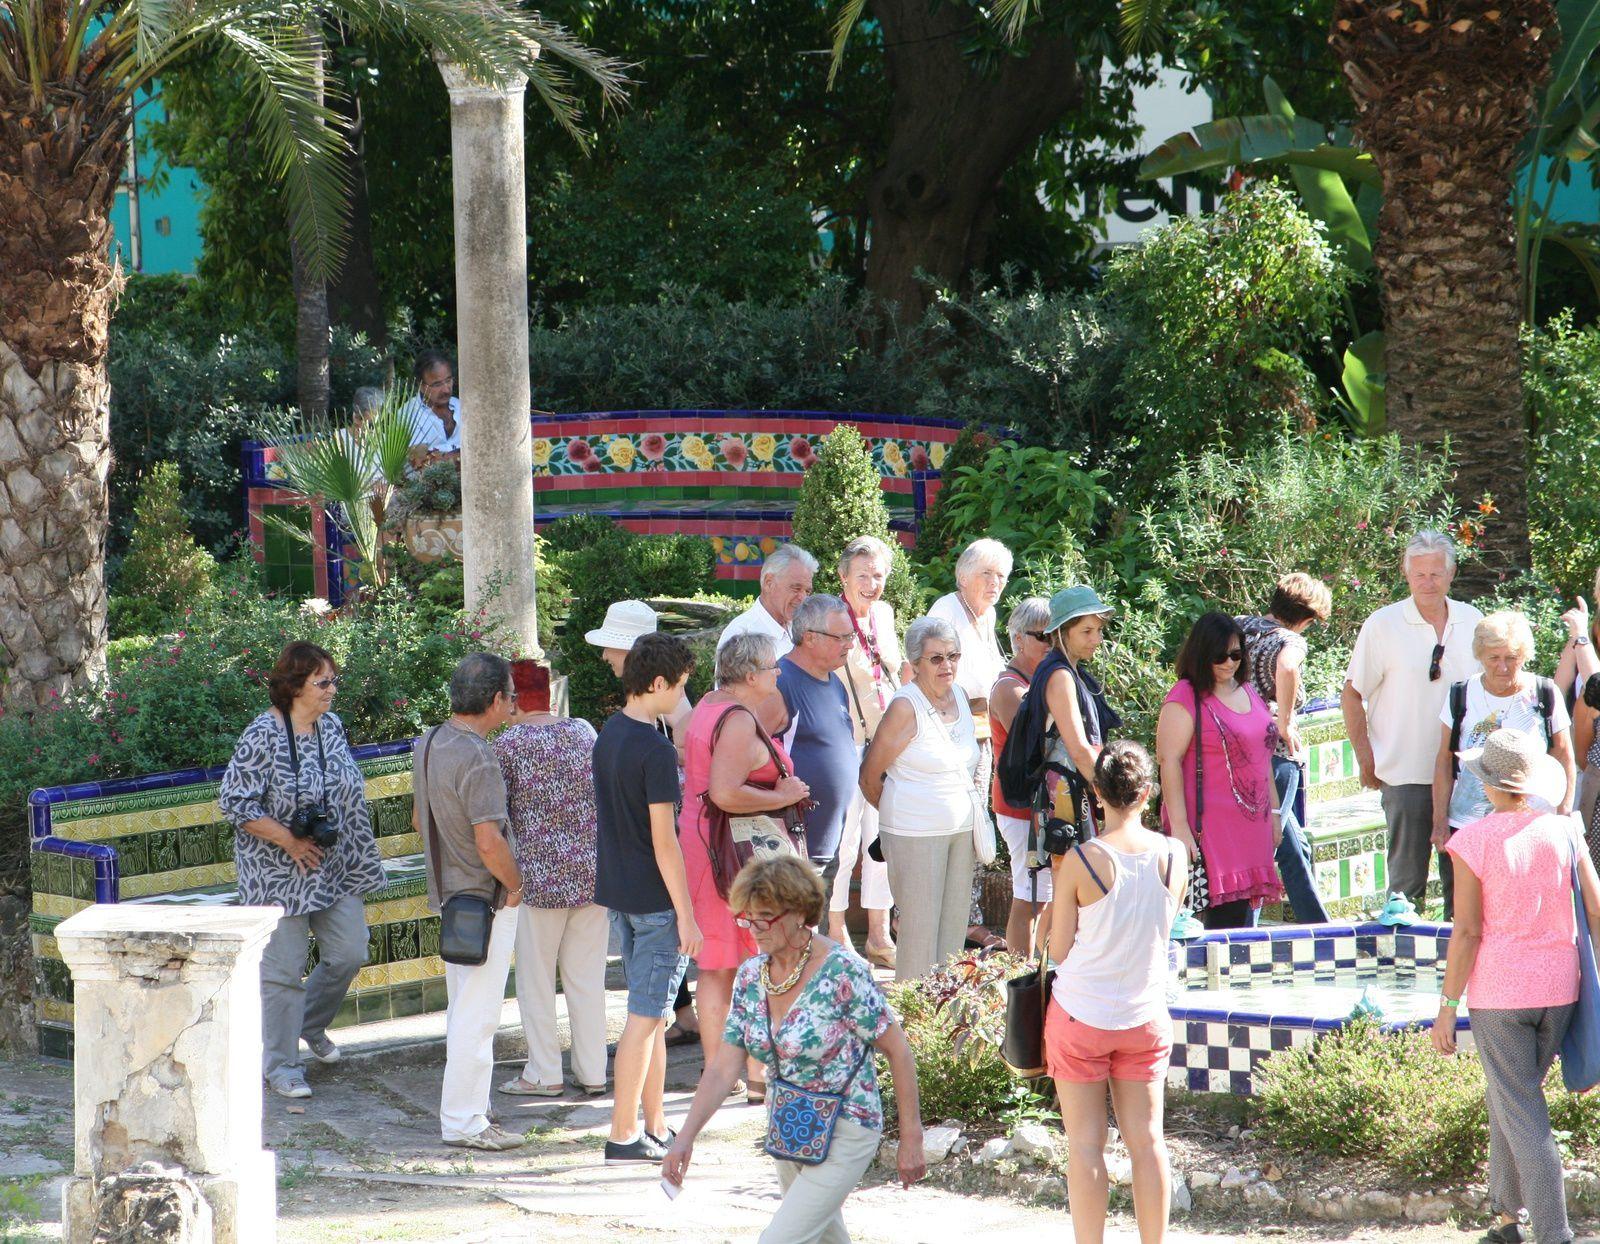 Les Journées Européennes du Patrimoine 2015 à Fontana Rosa avec le Cercle Blasco Ibañez